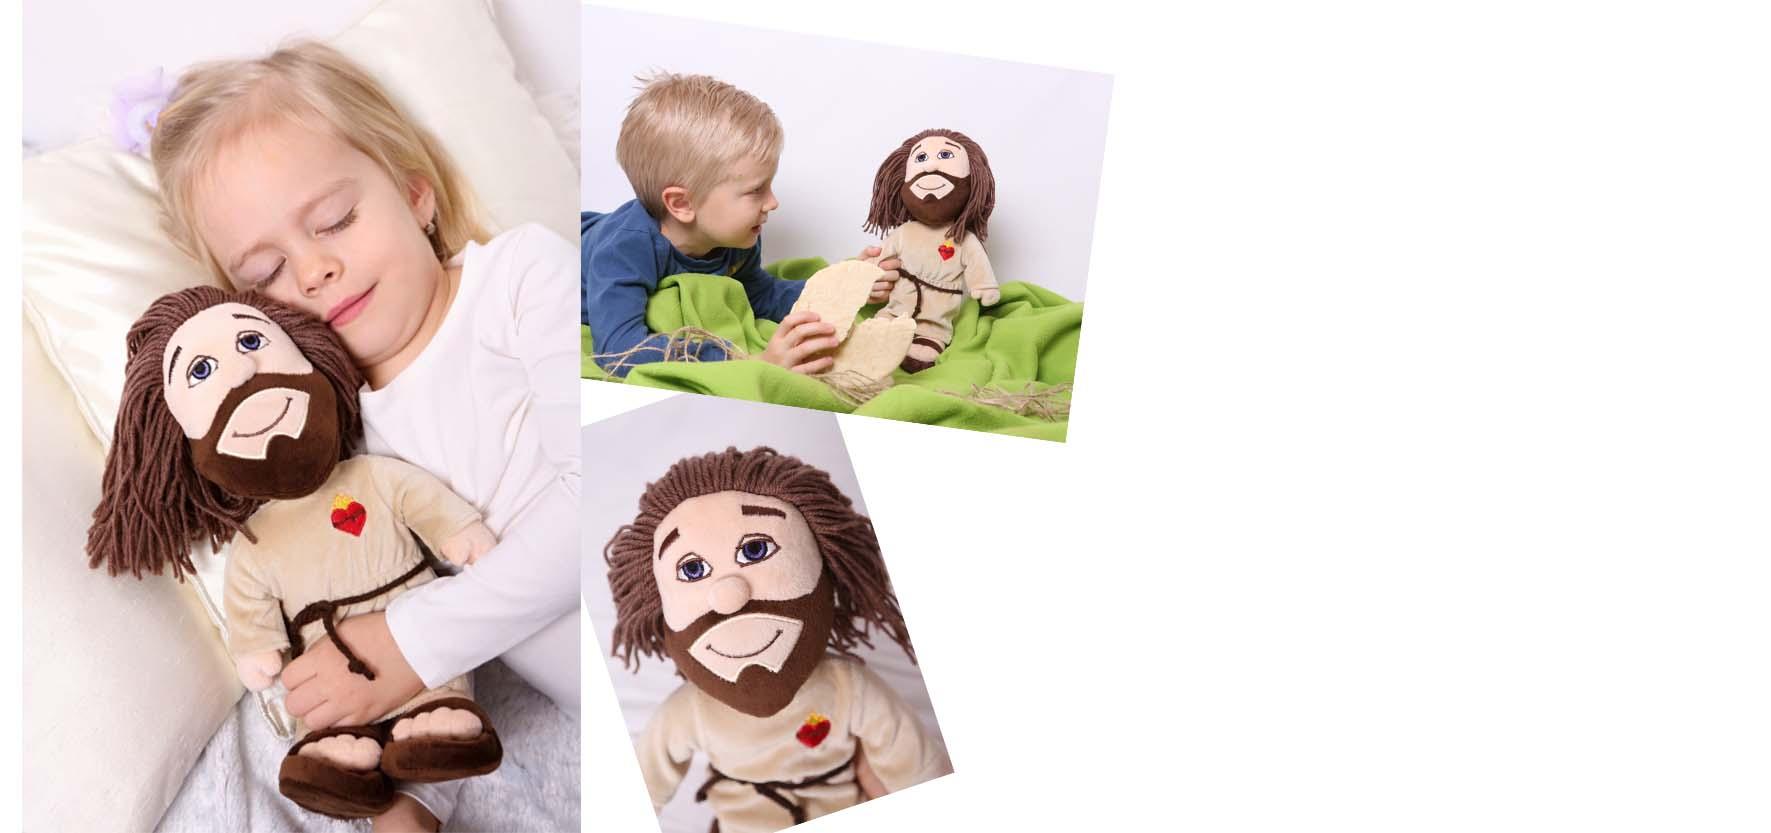 Plyšový Ježíšek – kamarád na mši a společník k modlitbě